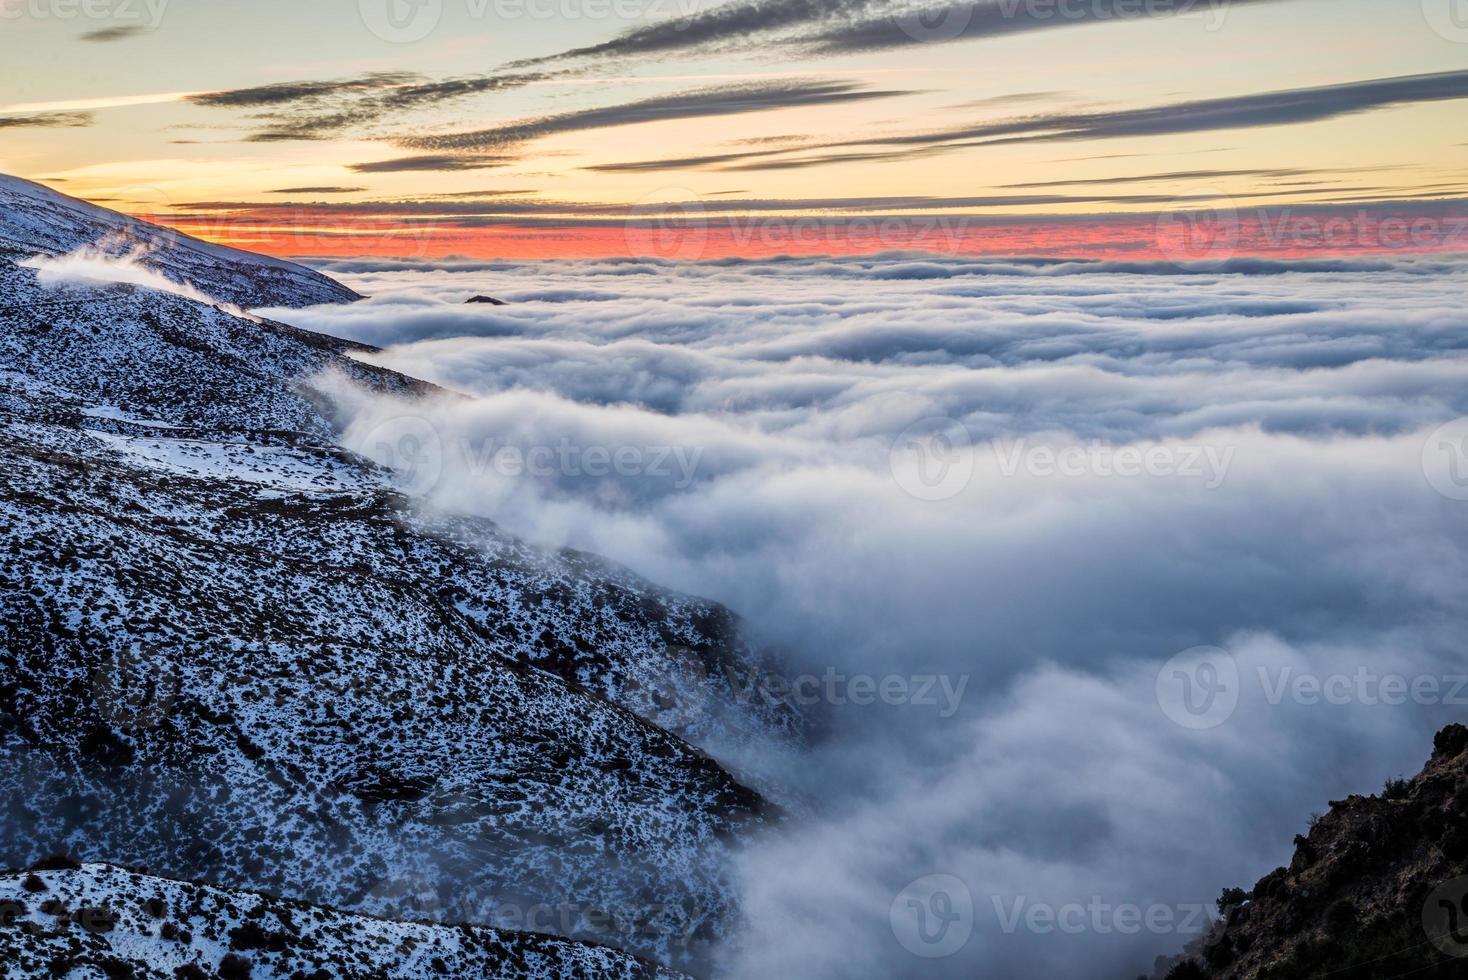 berg aus sierra nevada, spanien foto